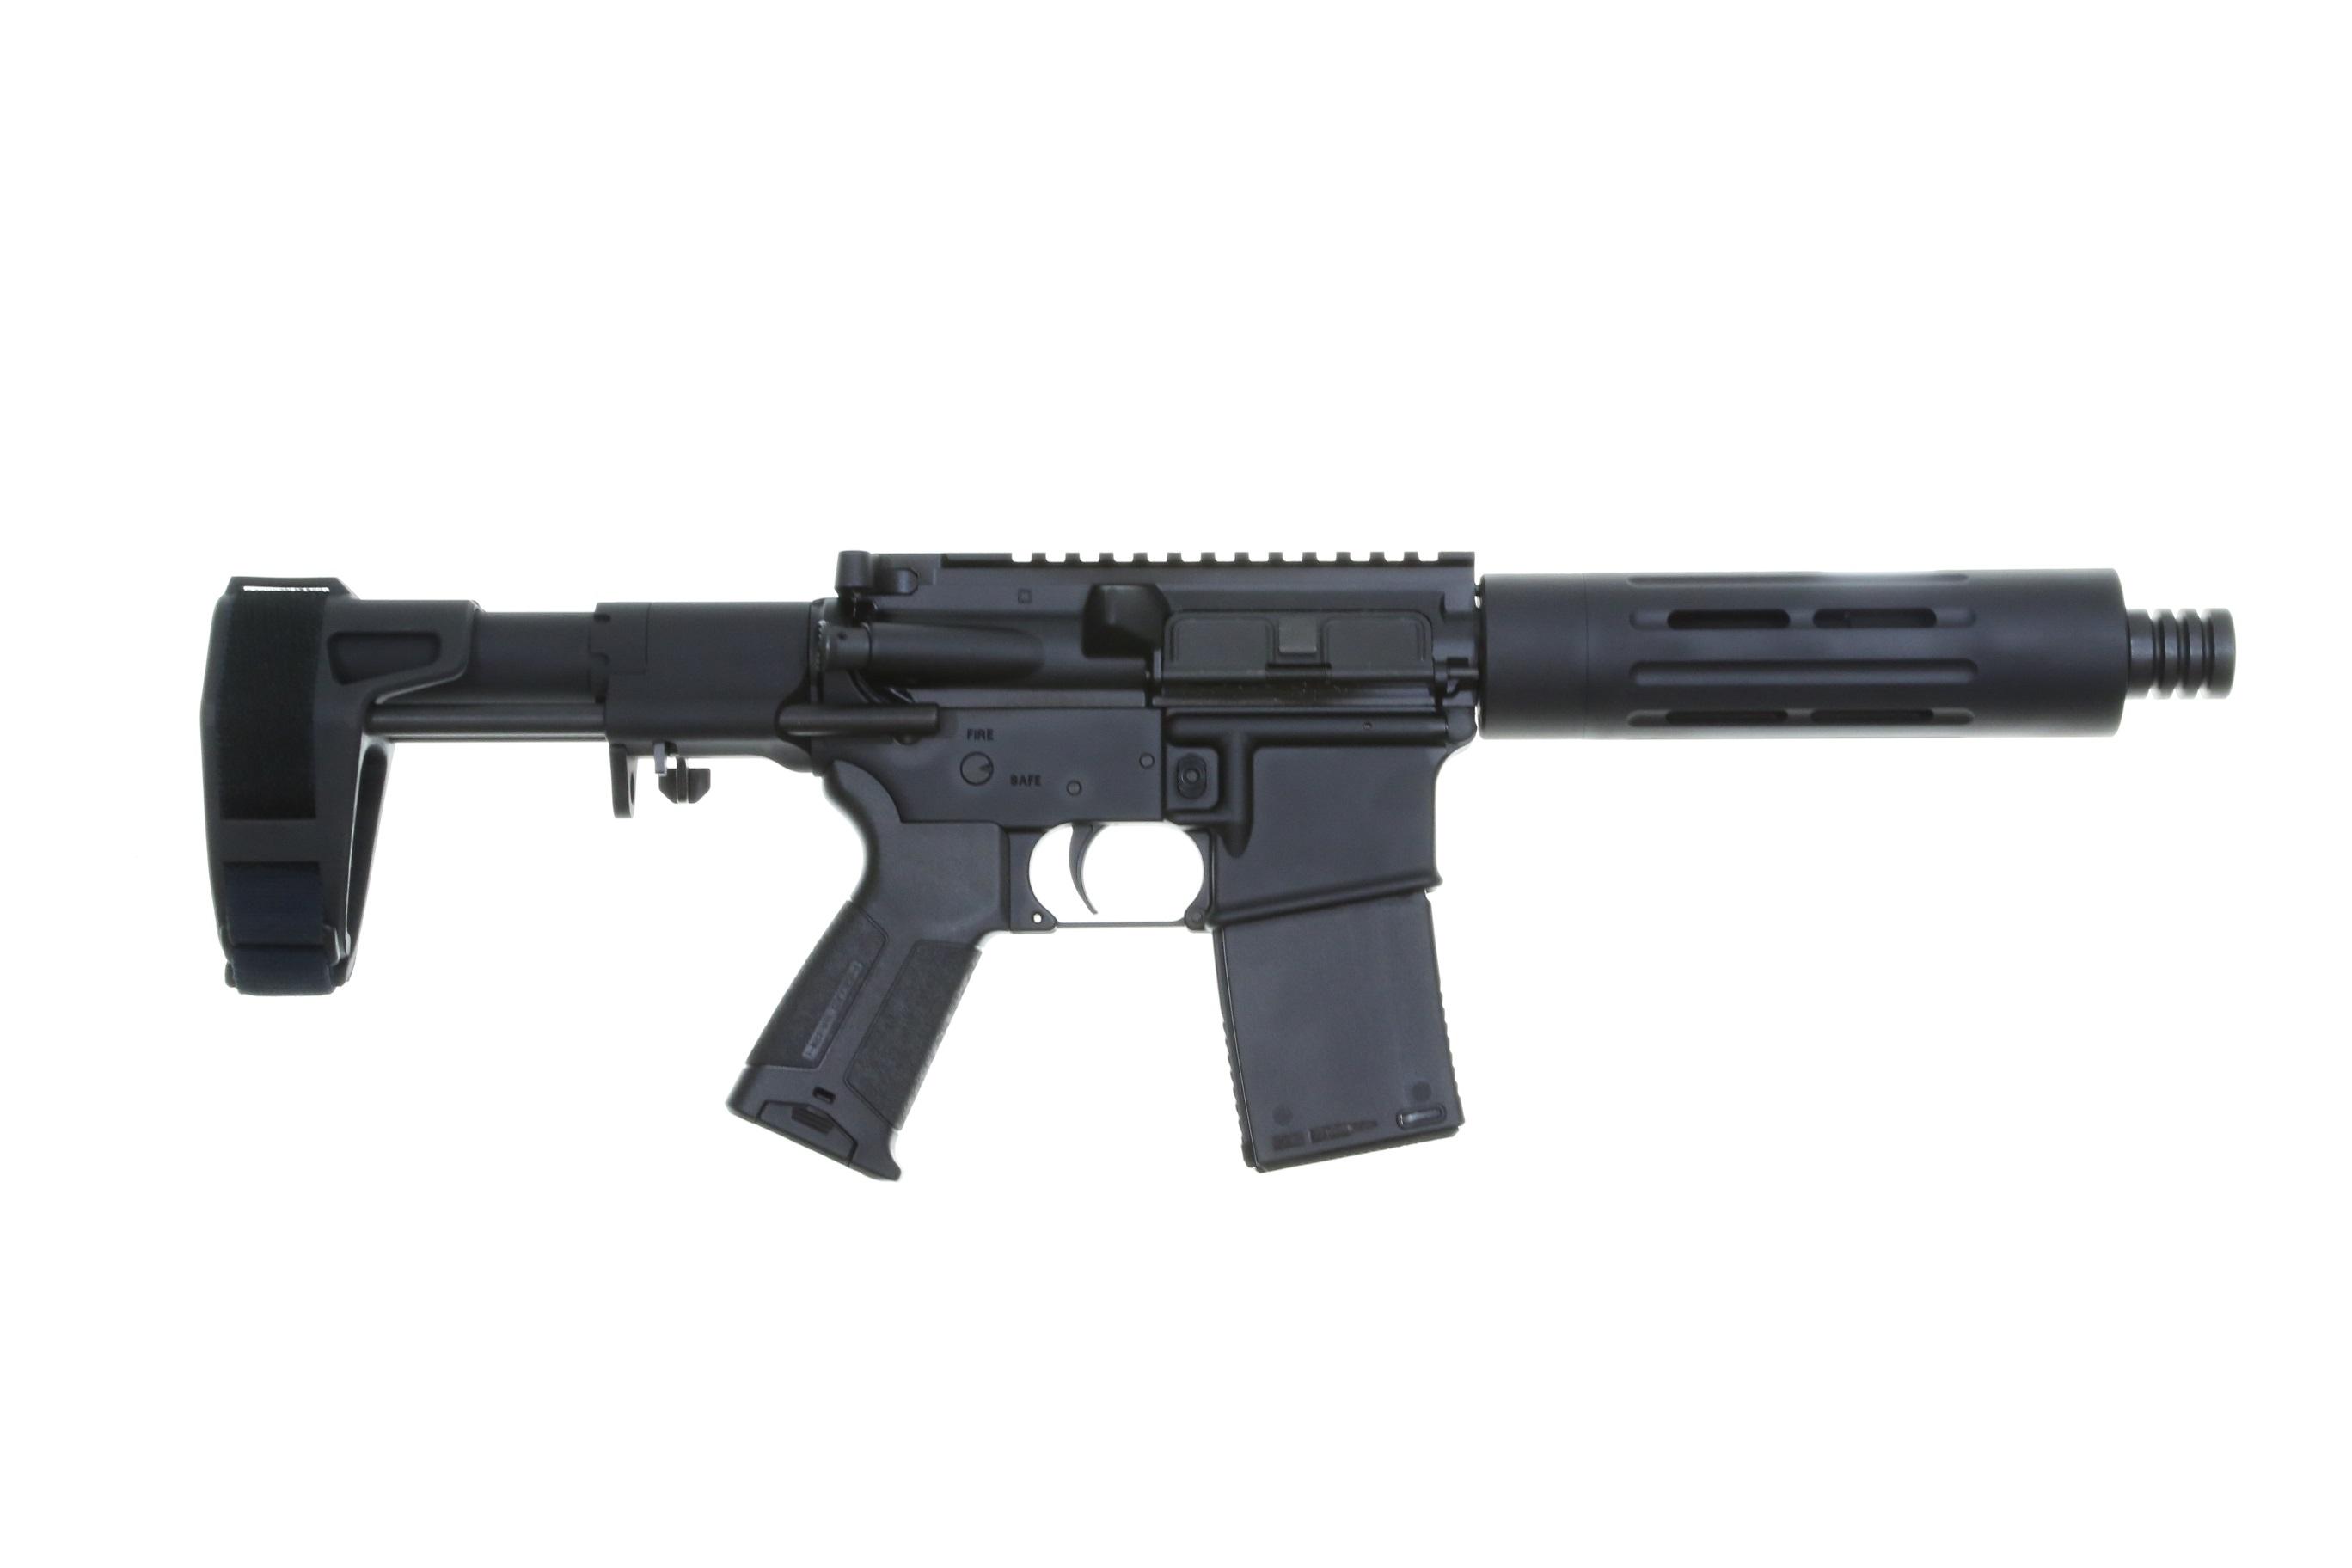 del ton ar 15 pistol 30rd black sb tactical pdw. Black Bedroom Furniture Sets. Home Design Ideas